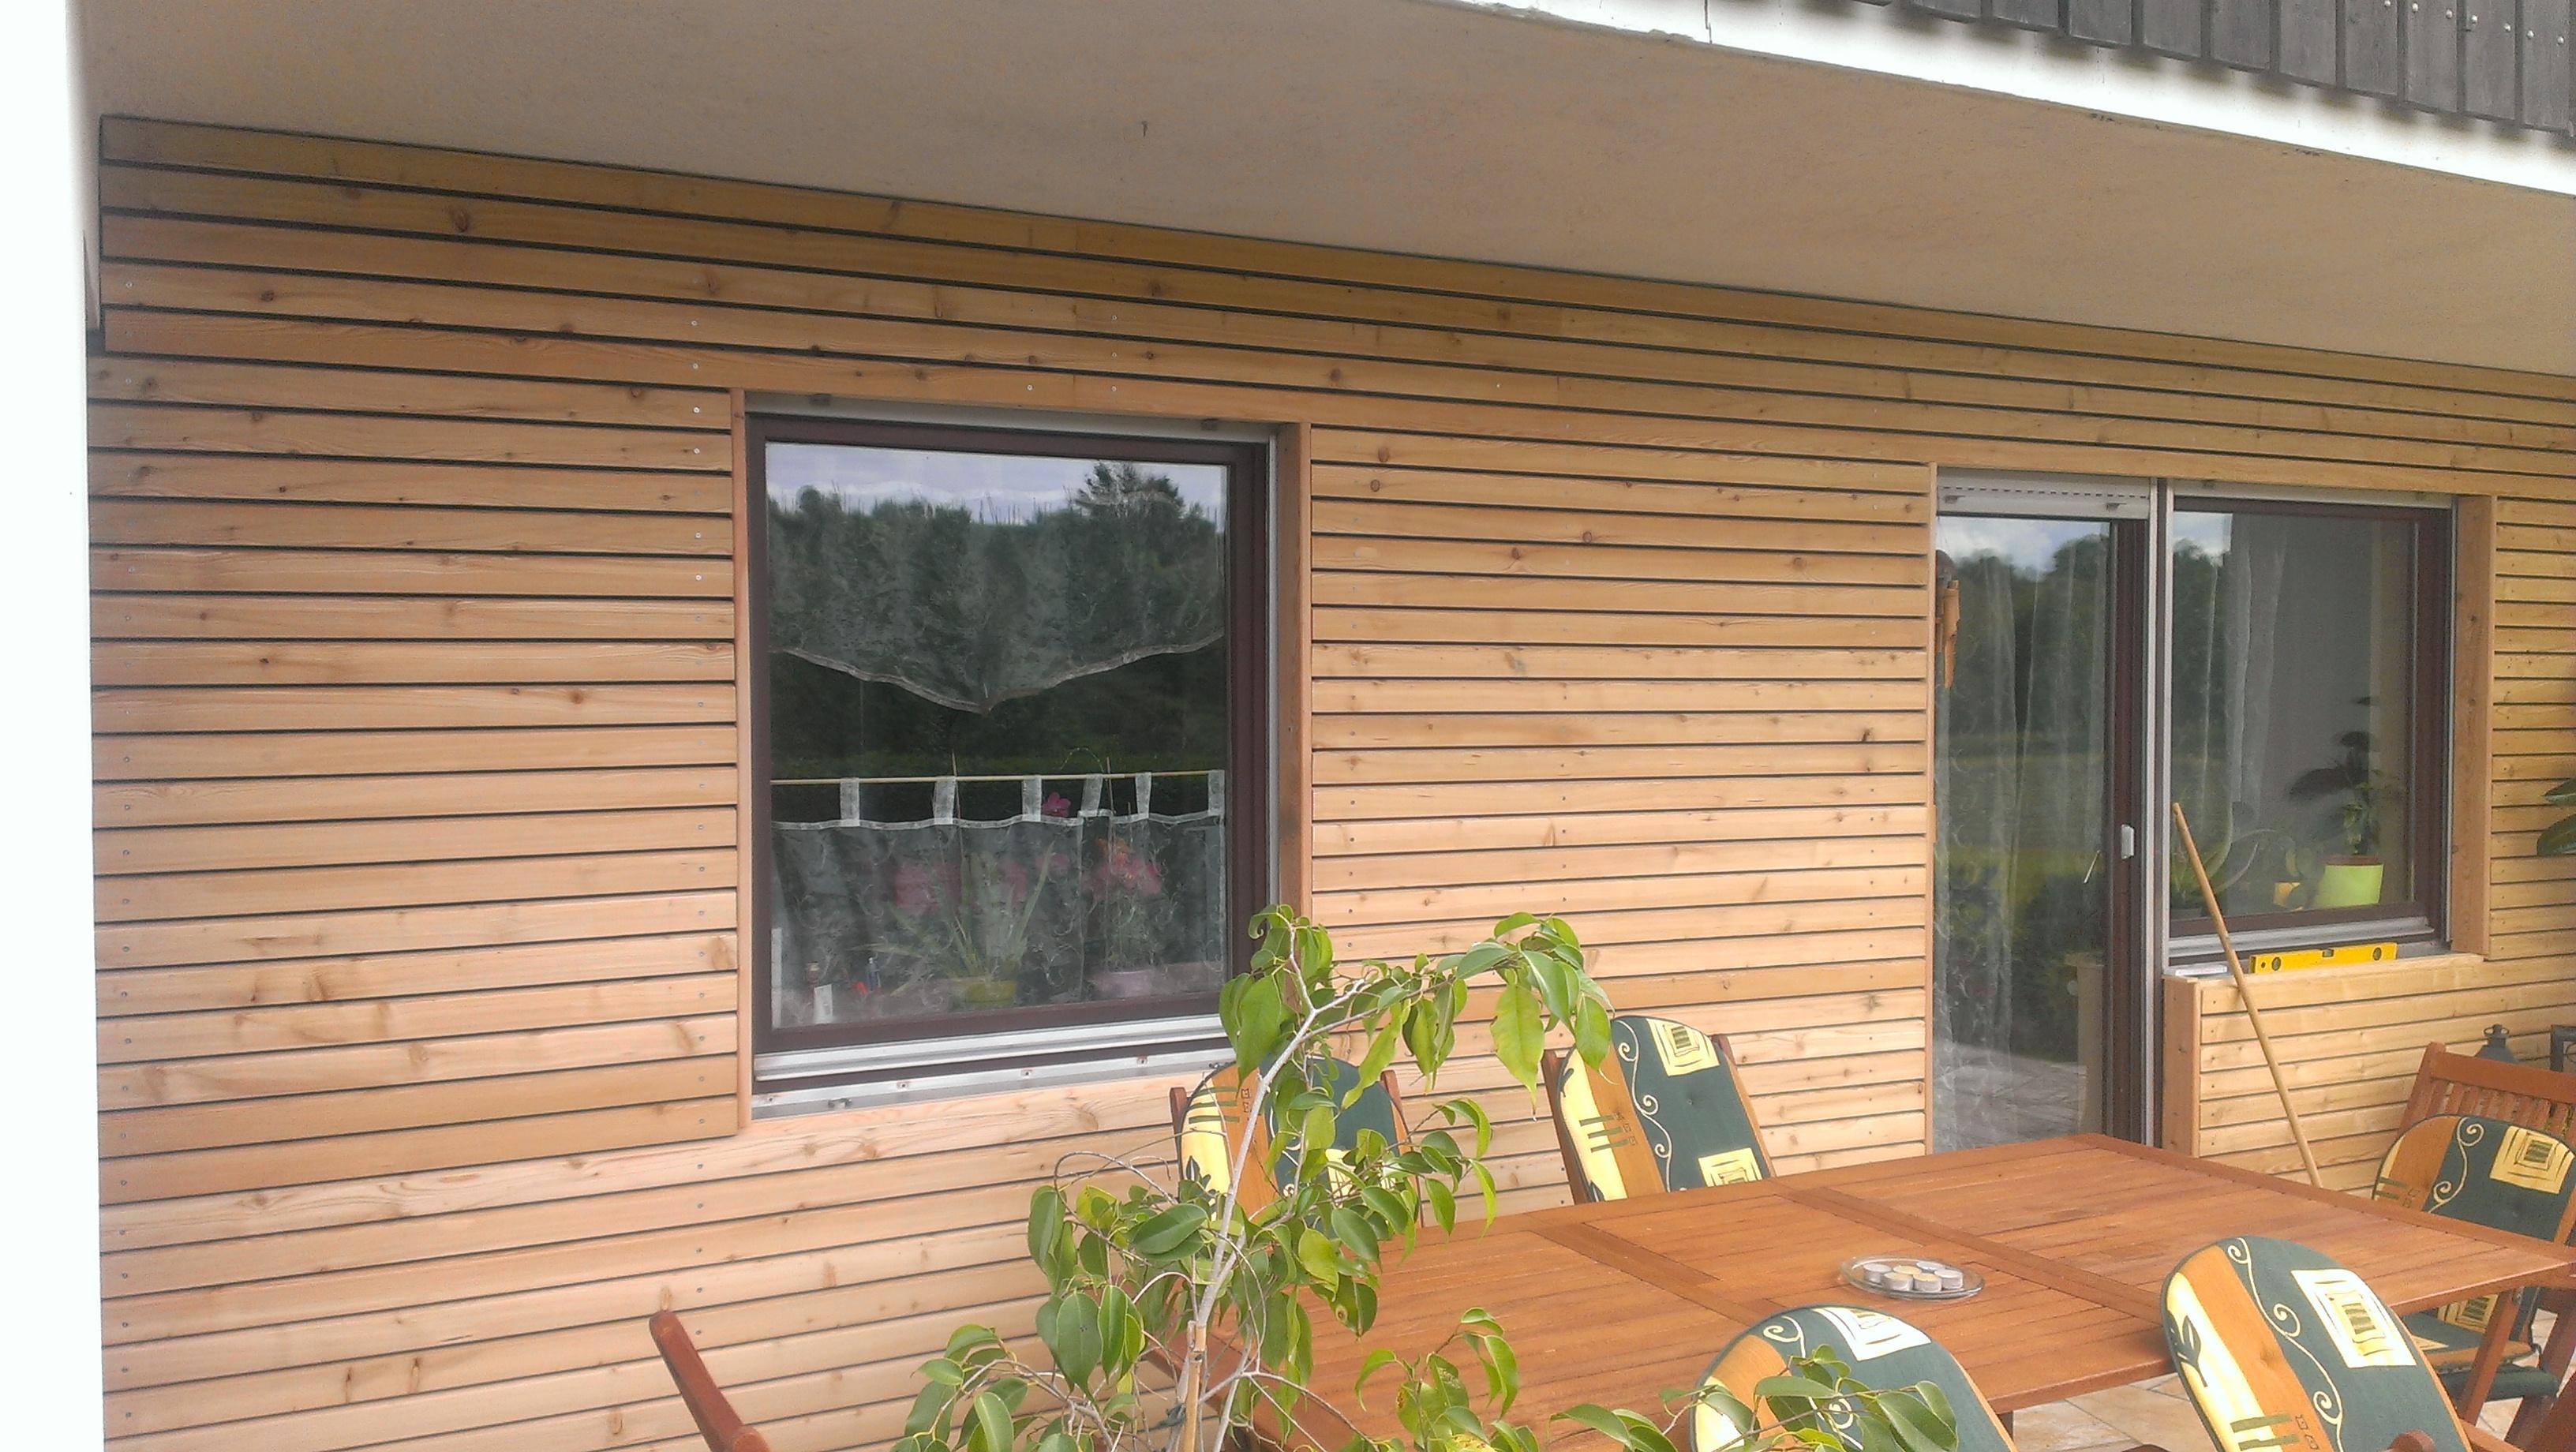 Fassadengestaltung Mit Holz fassadengestaltung bilder ideen couchstyle